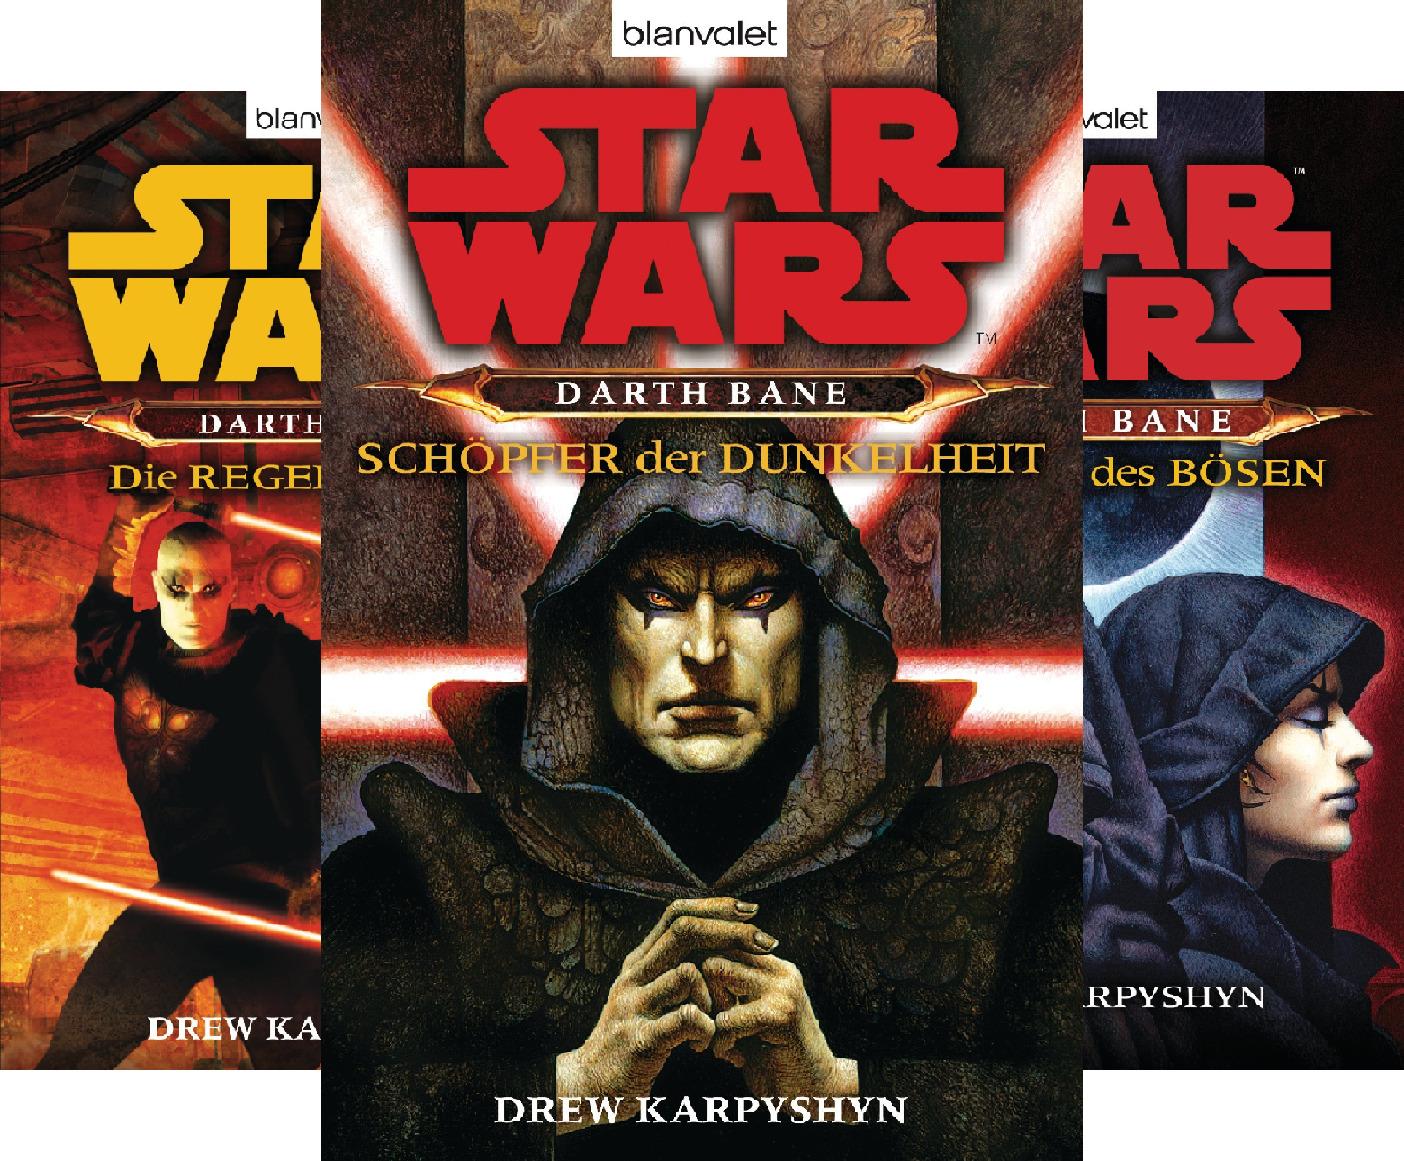 Star Wars - Darth Bane (Reihe in 3 Bänden)